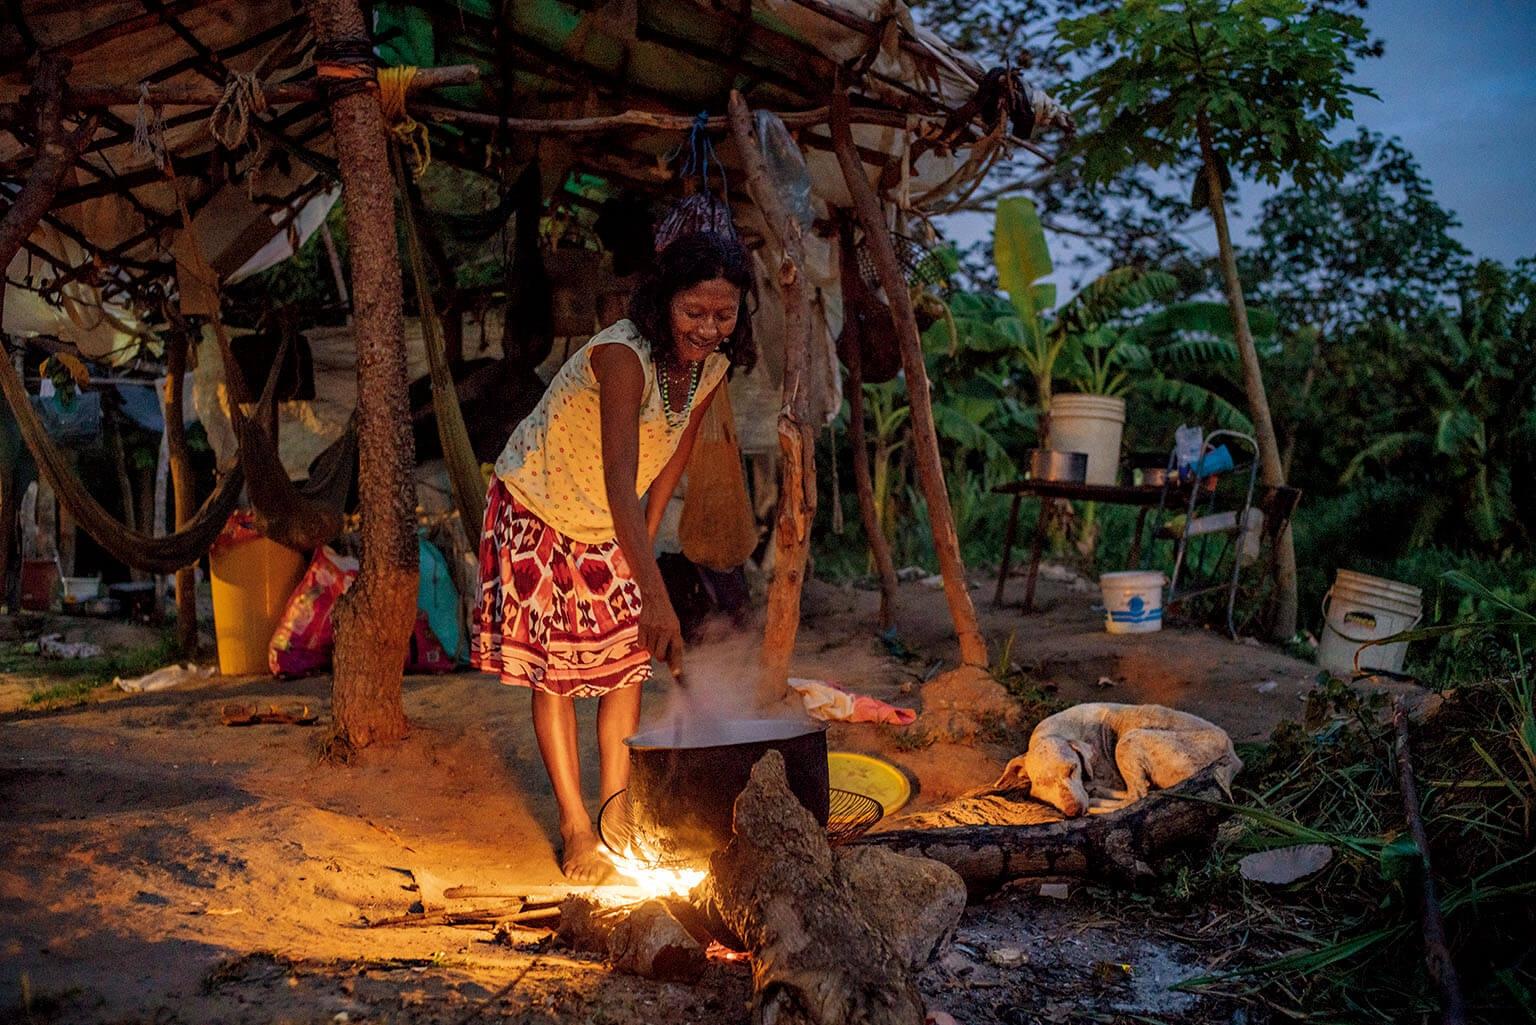 前往巴西邊界途中,瓦老族婦女在委內瑞拉的瓜雅納城附近以營火煮晚餐。許多瓦老人走路或搭便車抵達巴西境內的收容所,這段旅程可耗時多日。攝影: 菲德利科.里歐斯 FEDERICO RIOS